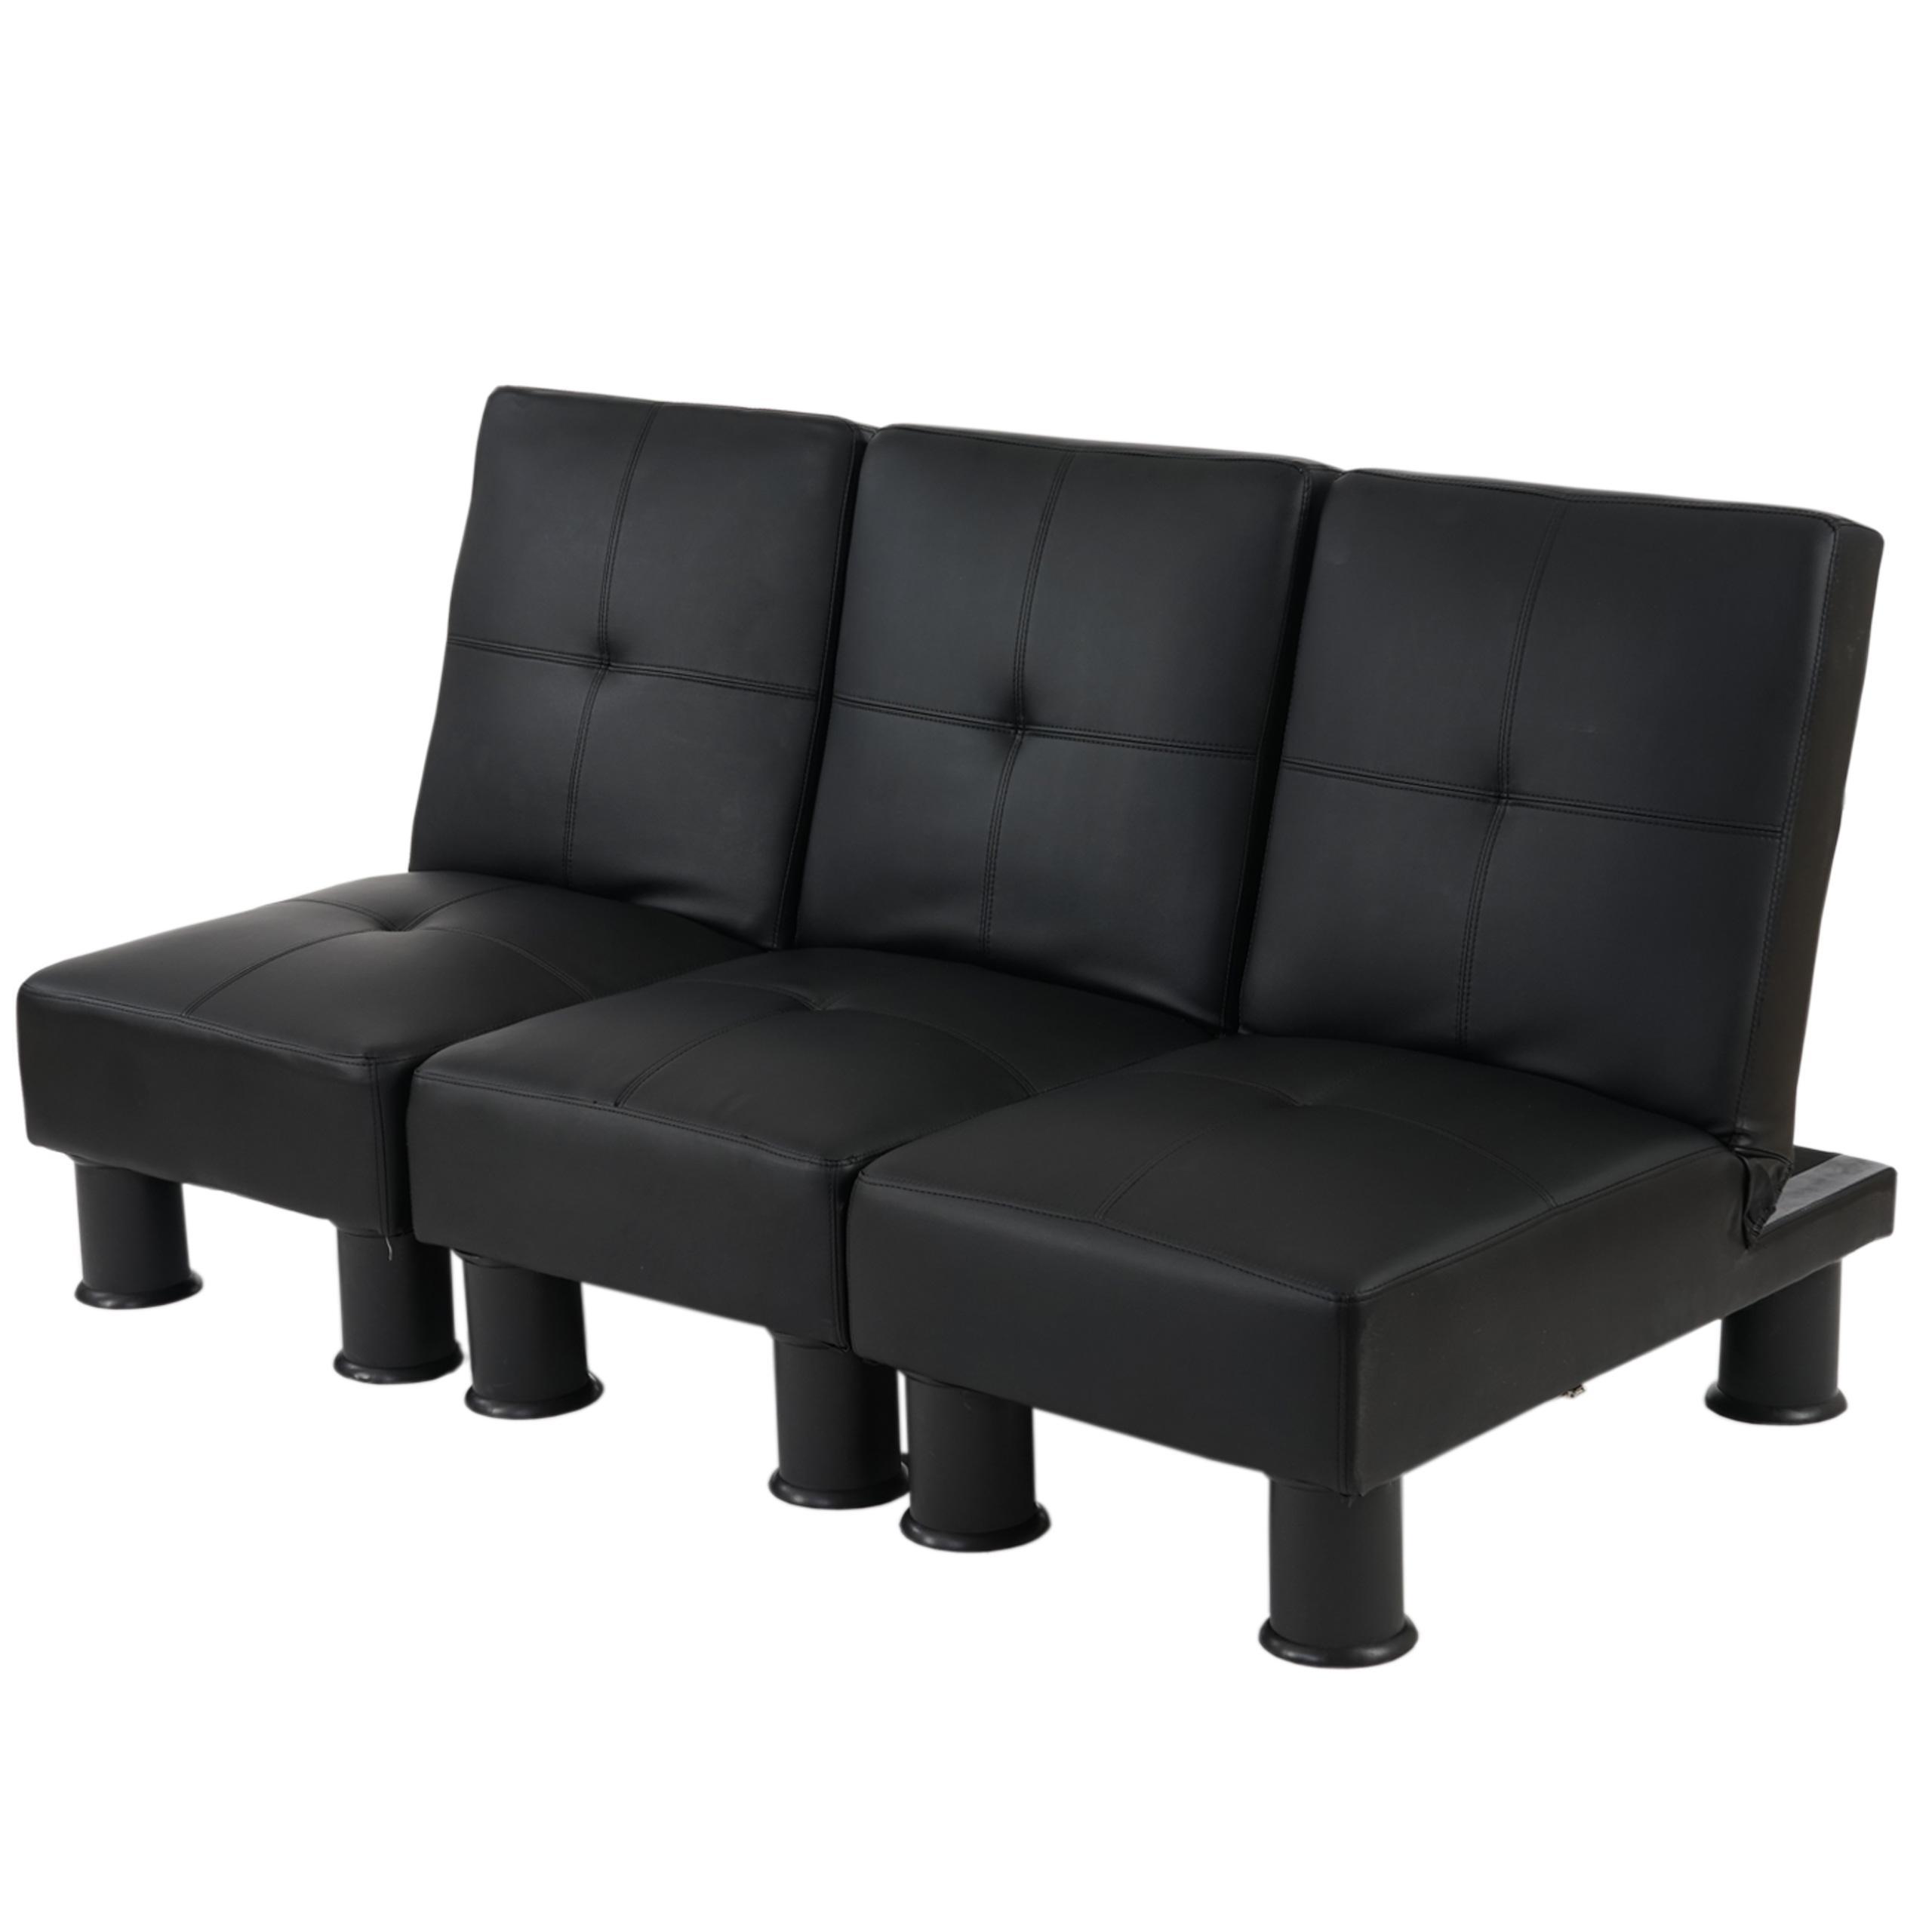 Sof modular de 3 plazas carlo en piel color negro sof modular 3 piezas carlo muy vers til - Sofas muy comodos ...